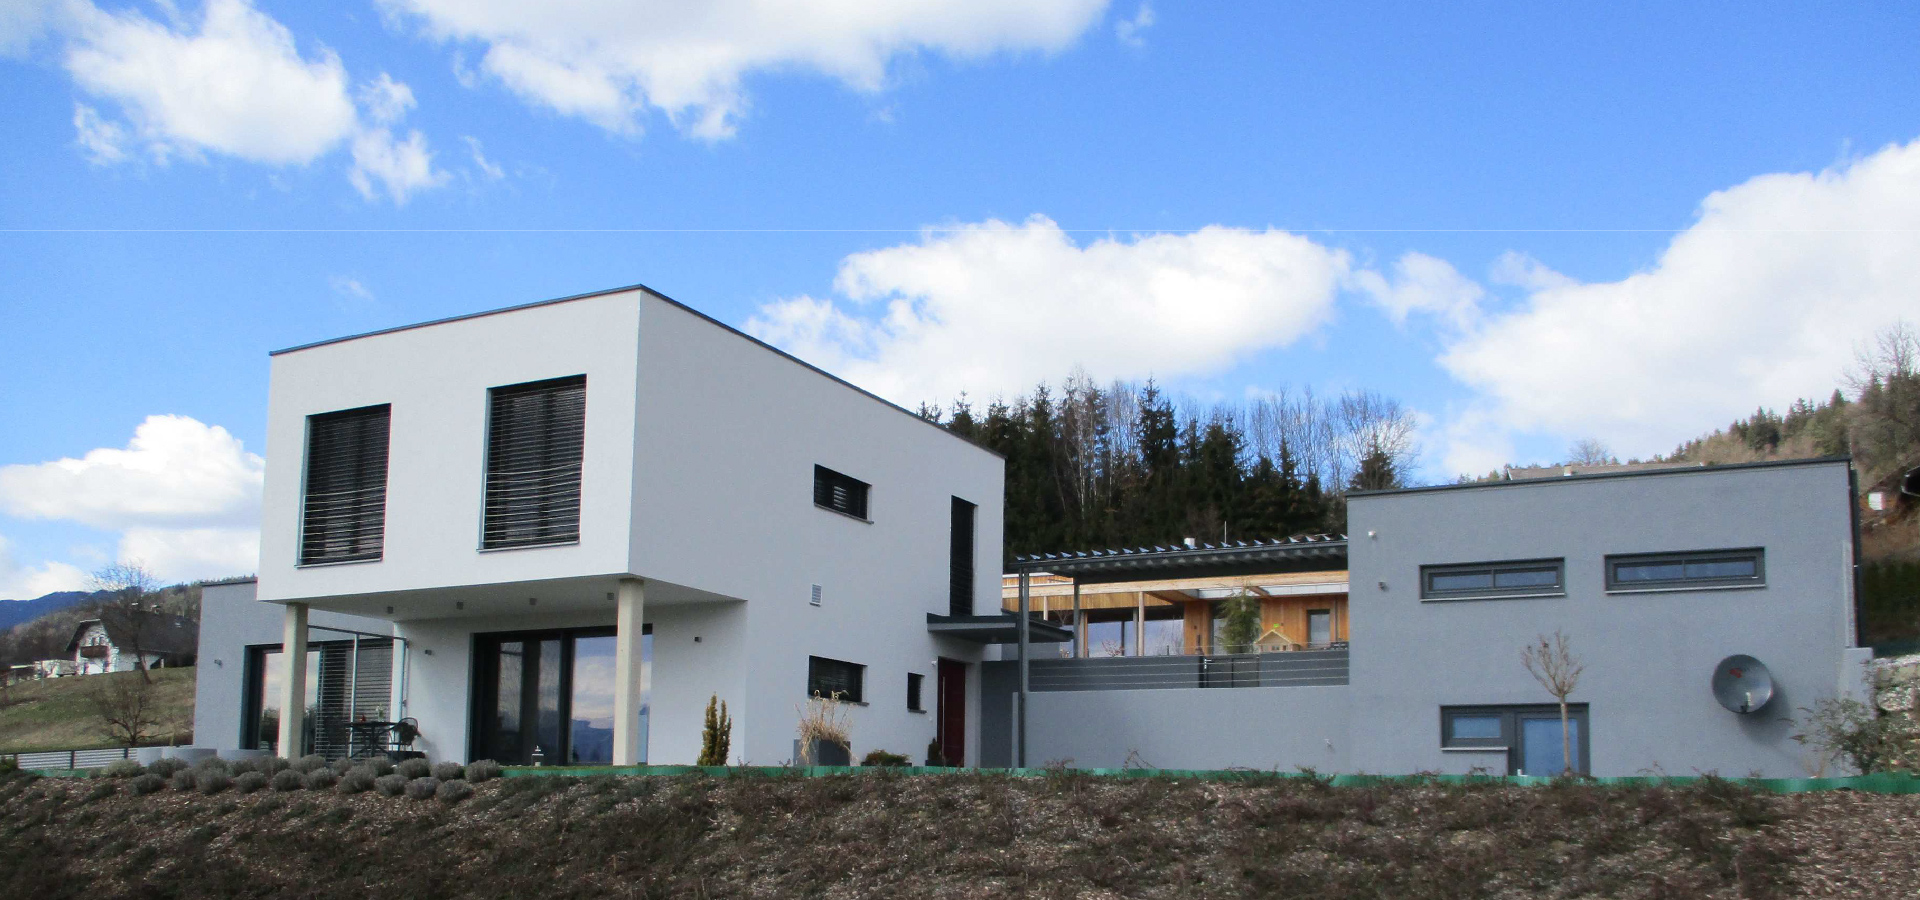 Projekt_Damtschach_NEU-02